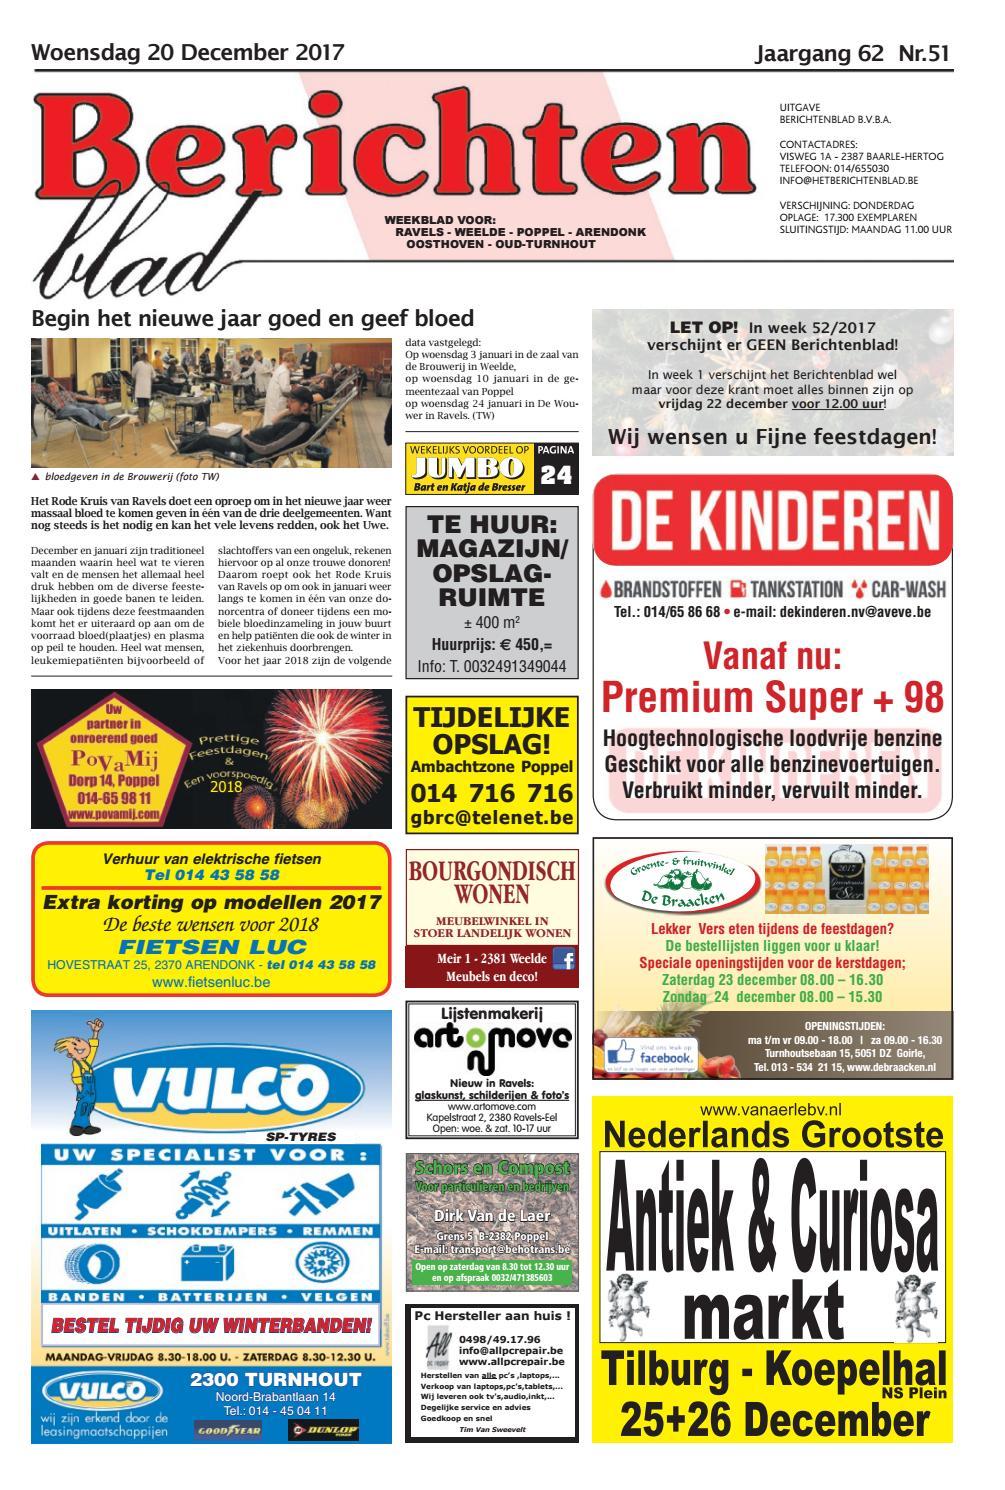 Berichtenblad 20-12-2017 by Uitgeverij Em de Jong - issuu